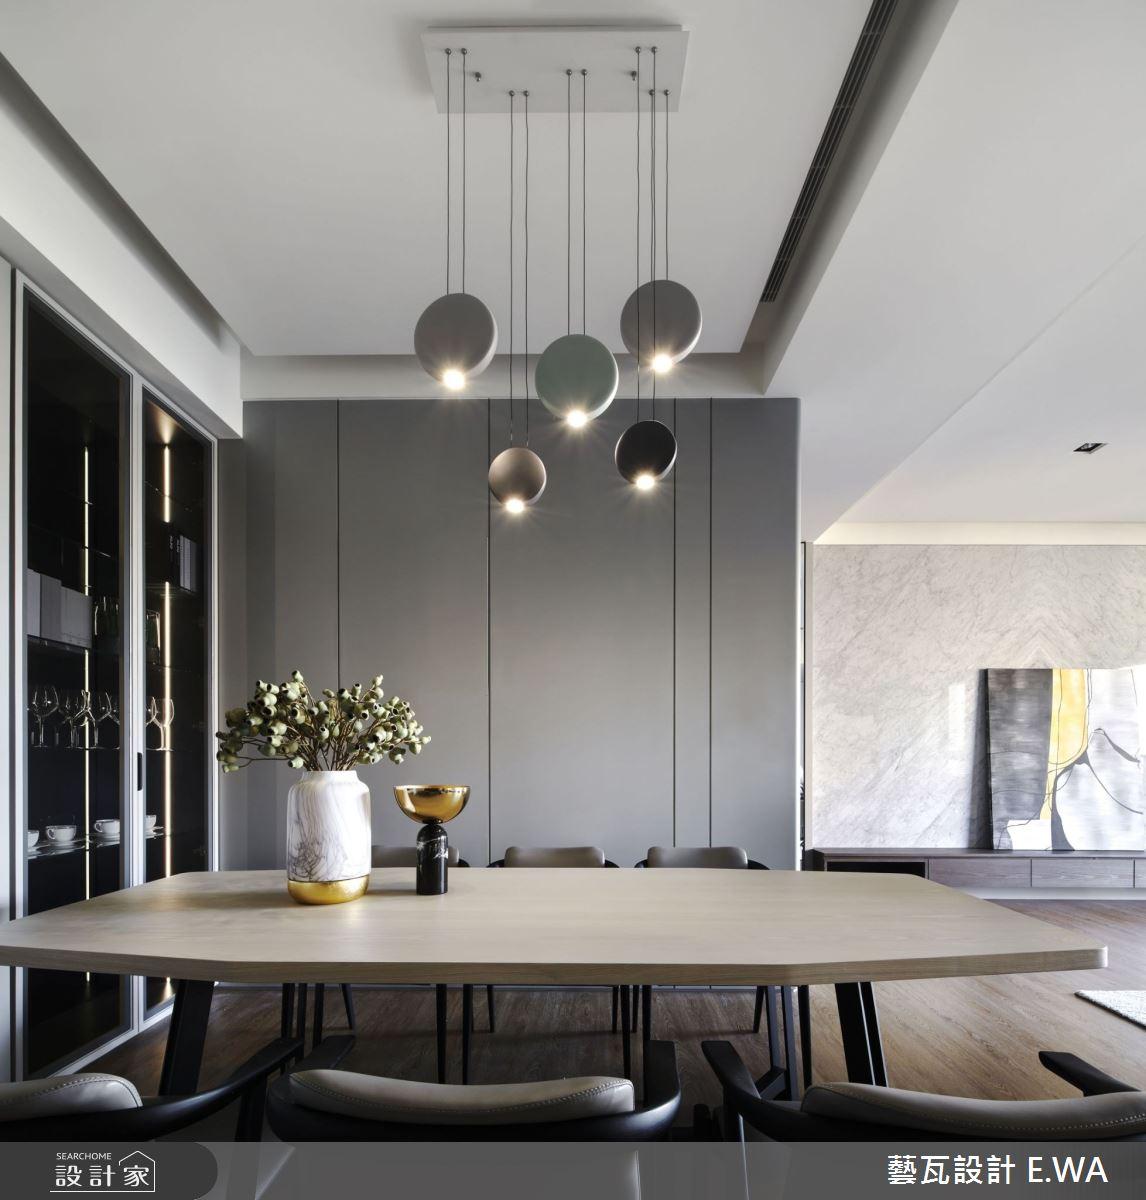 90坪新成屋(5年以下)_現代風餐廳案例圖片_藝瓦室內設計_藝瓦_25之11